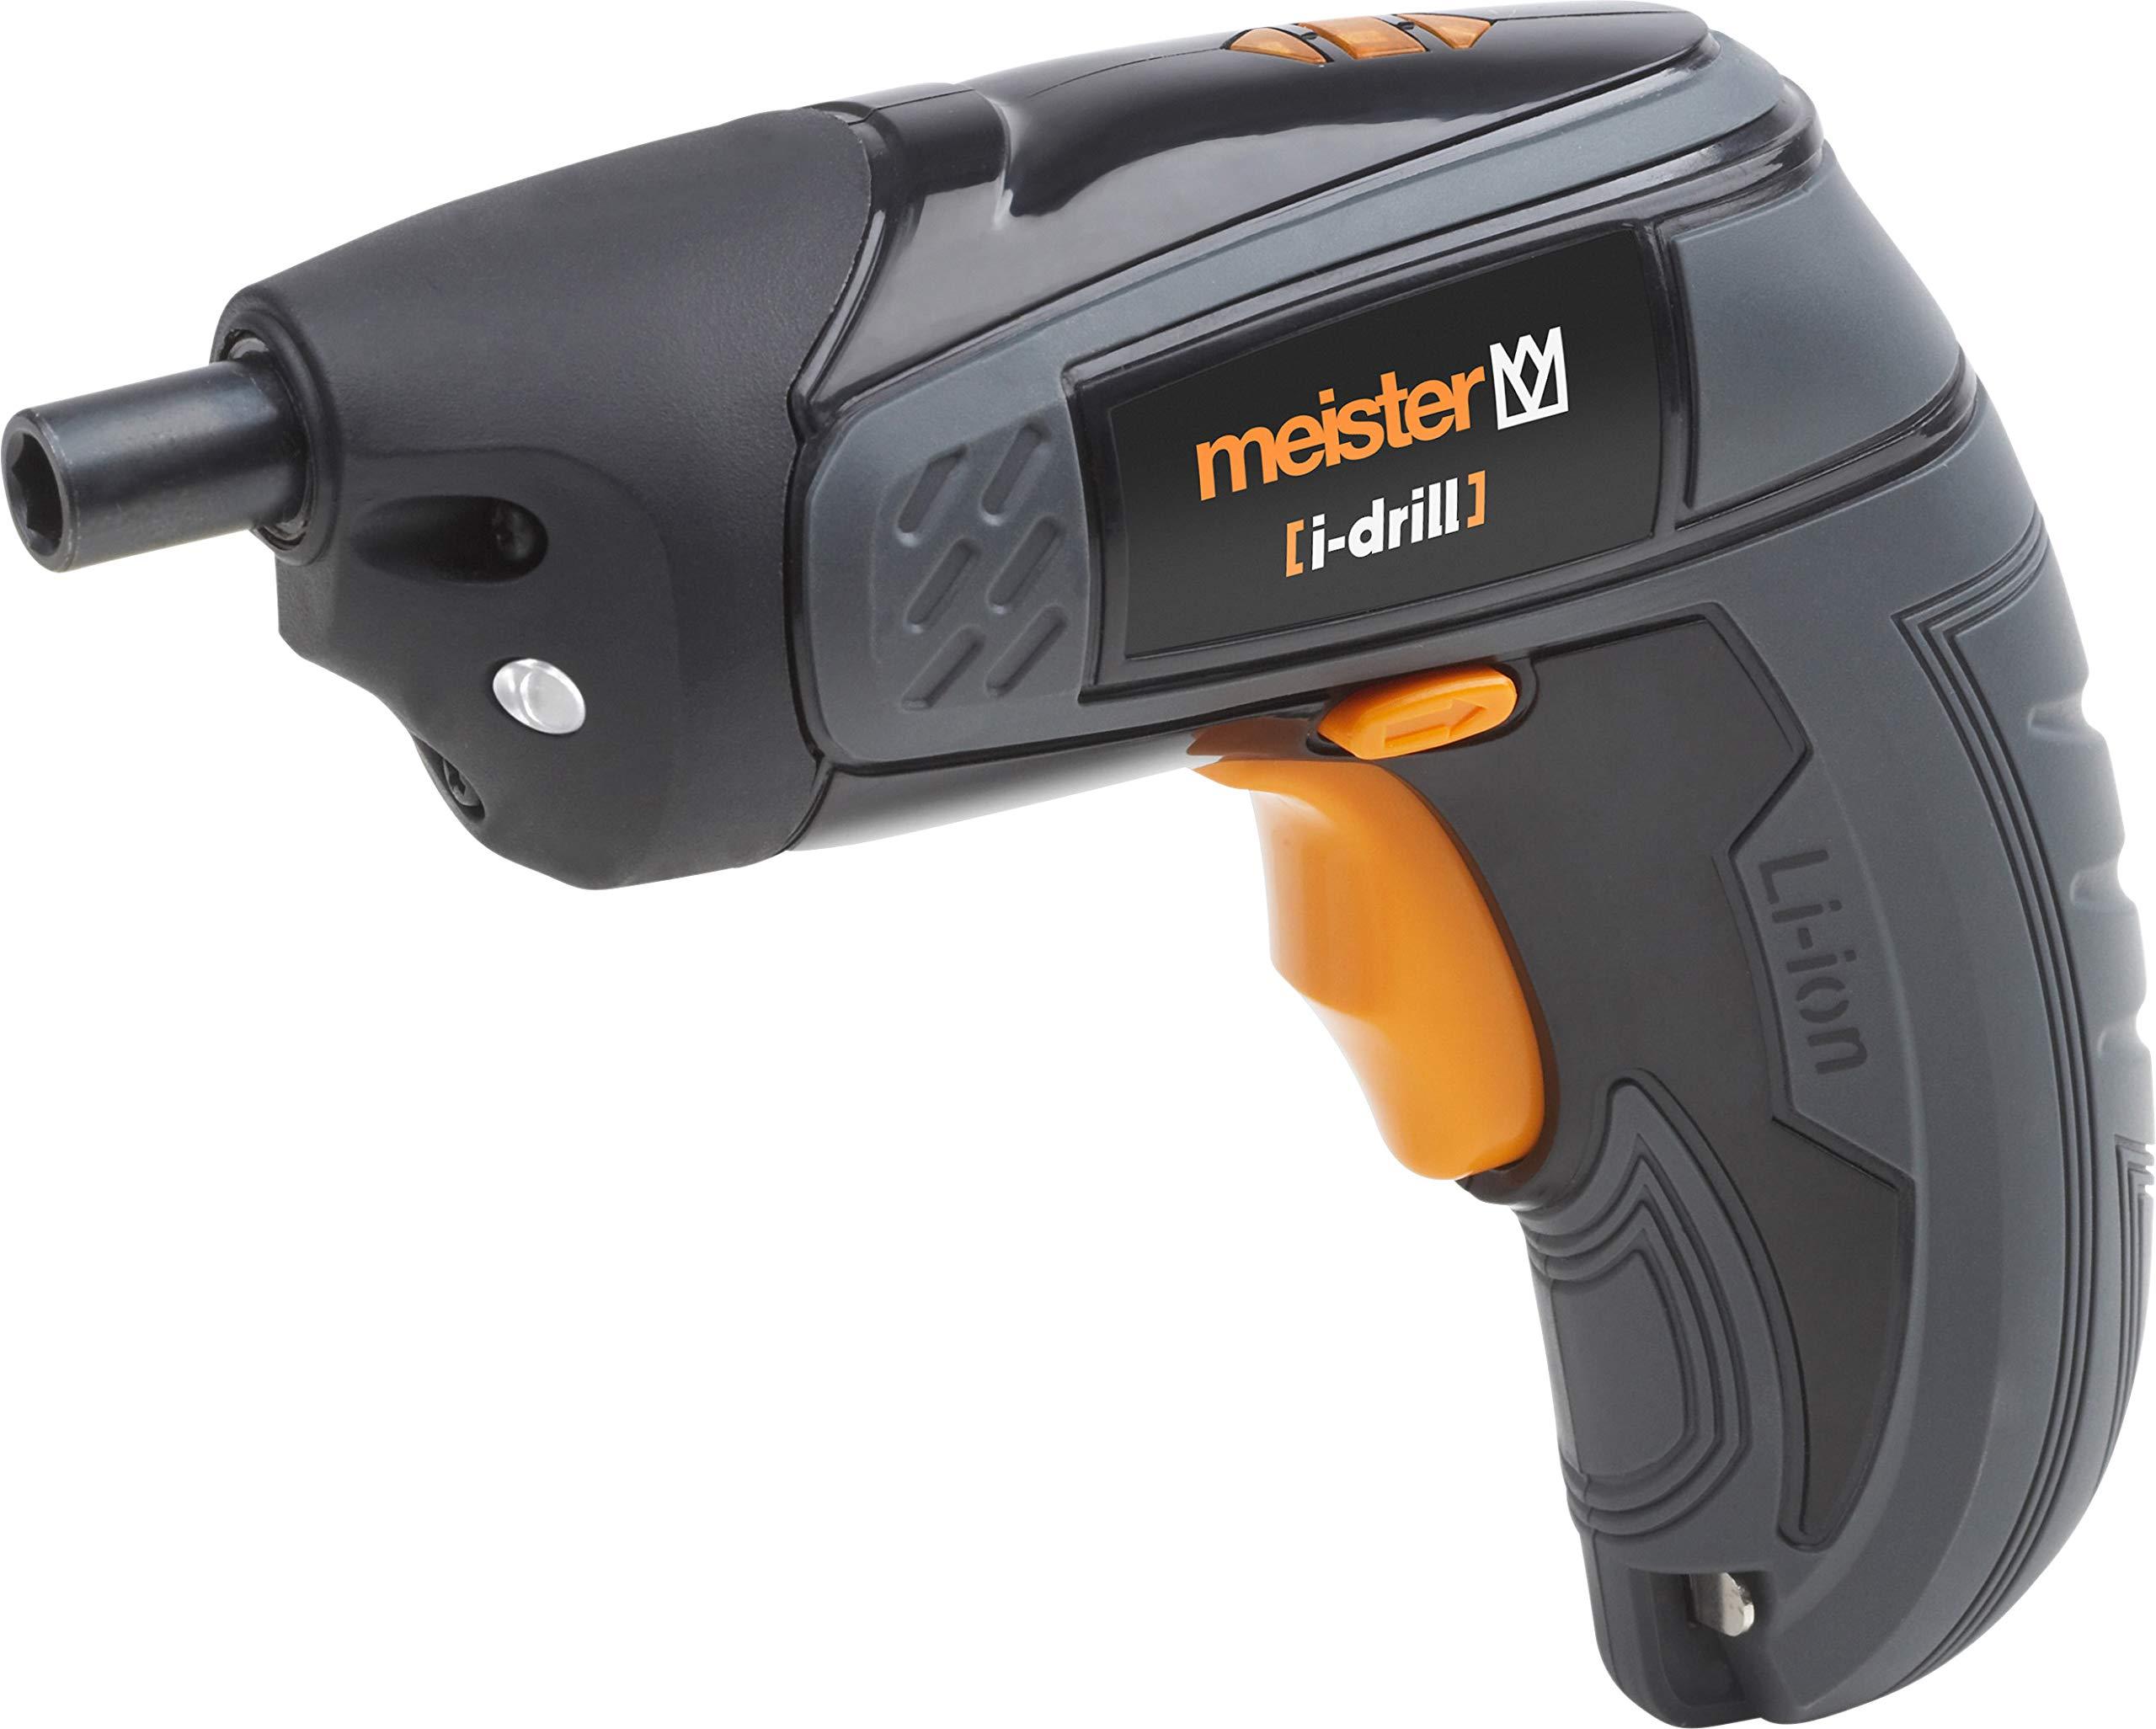 Meister-Akkuschrauber-i-drill-pico-36-V-15-Ah-Mit-Zubehr-Textiltasche-Mit-Arbeitsleuchte-Ideal-zum-randnahen-Schrauben-Akkuschrauber-mit-Ladestation-Mini-Akkuschrauber-5450210